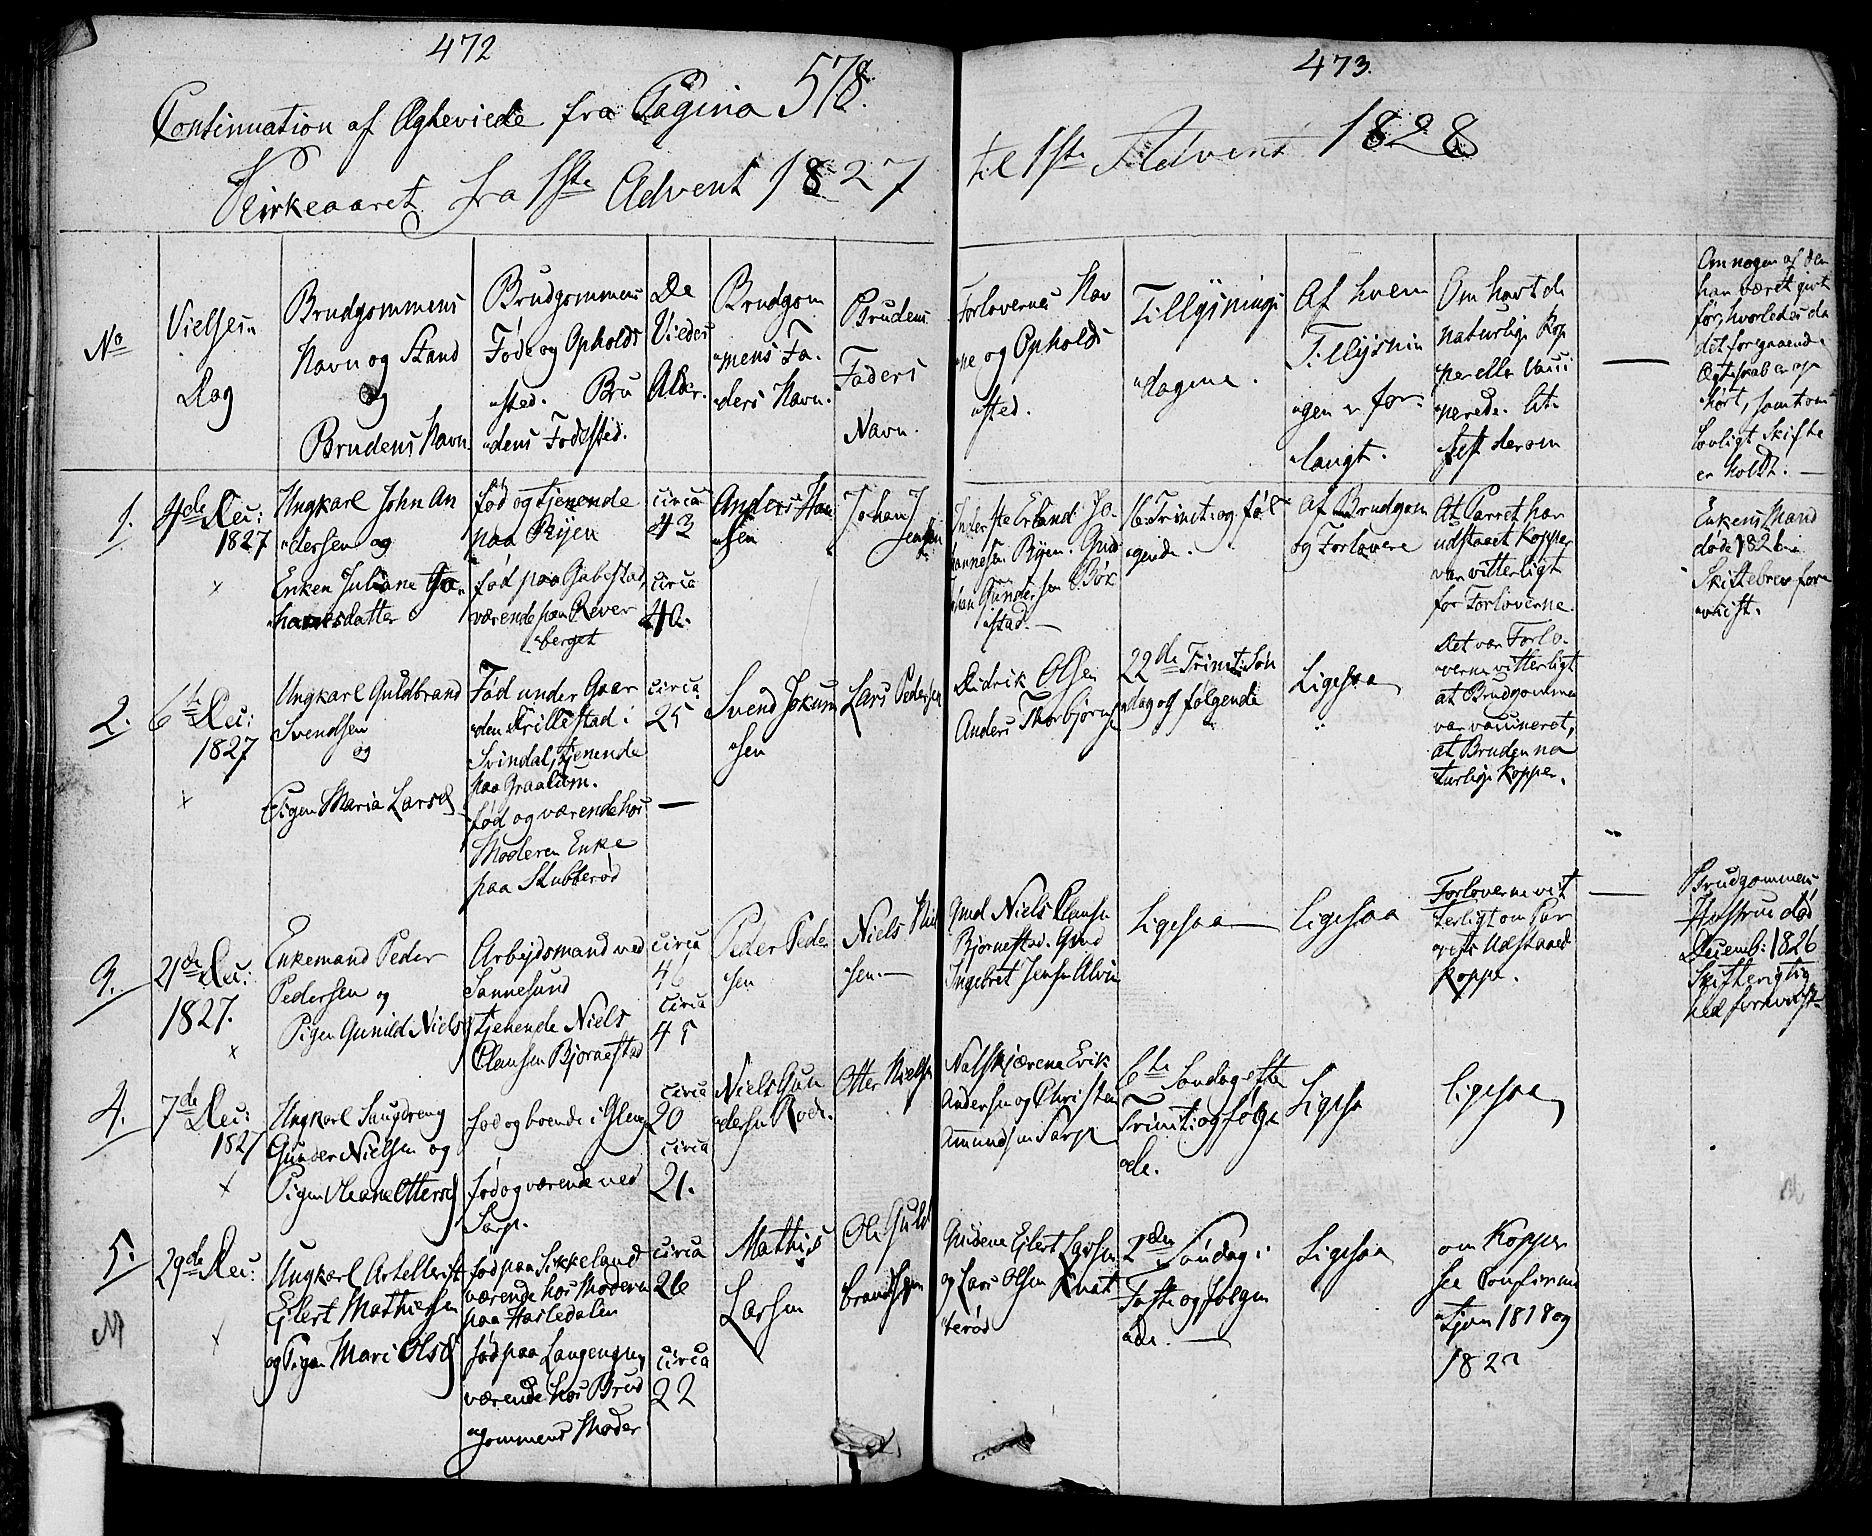 SAO, Tune prestekontor Kirkebøker, F/Fa/L0006: Ministerialbok nr. 6, 1823-1831, s. 472-473